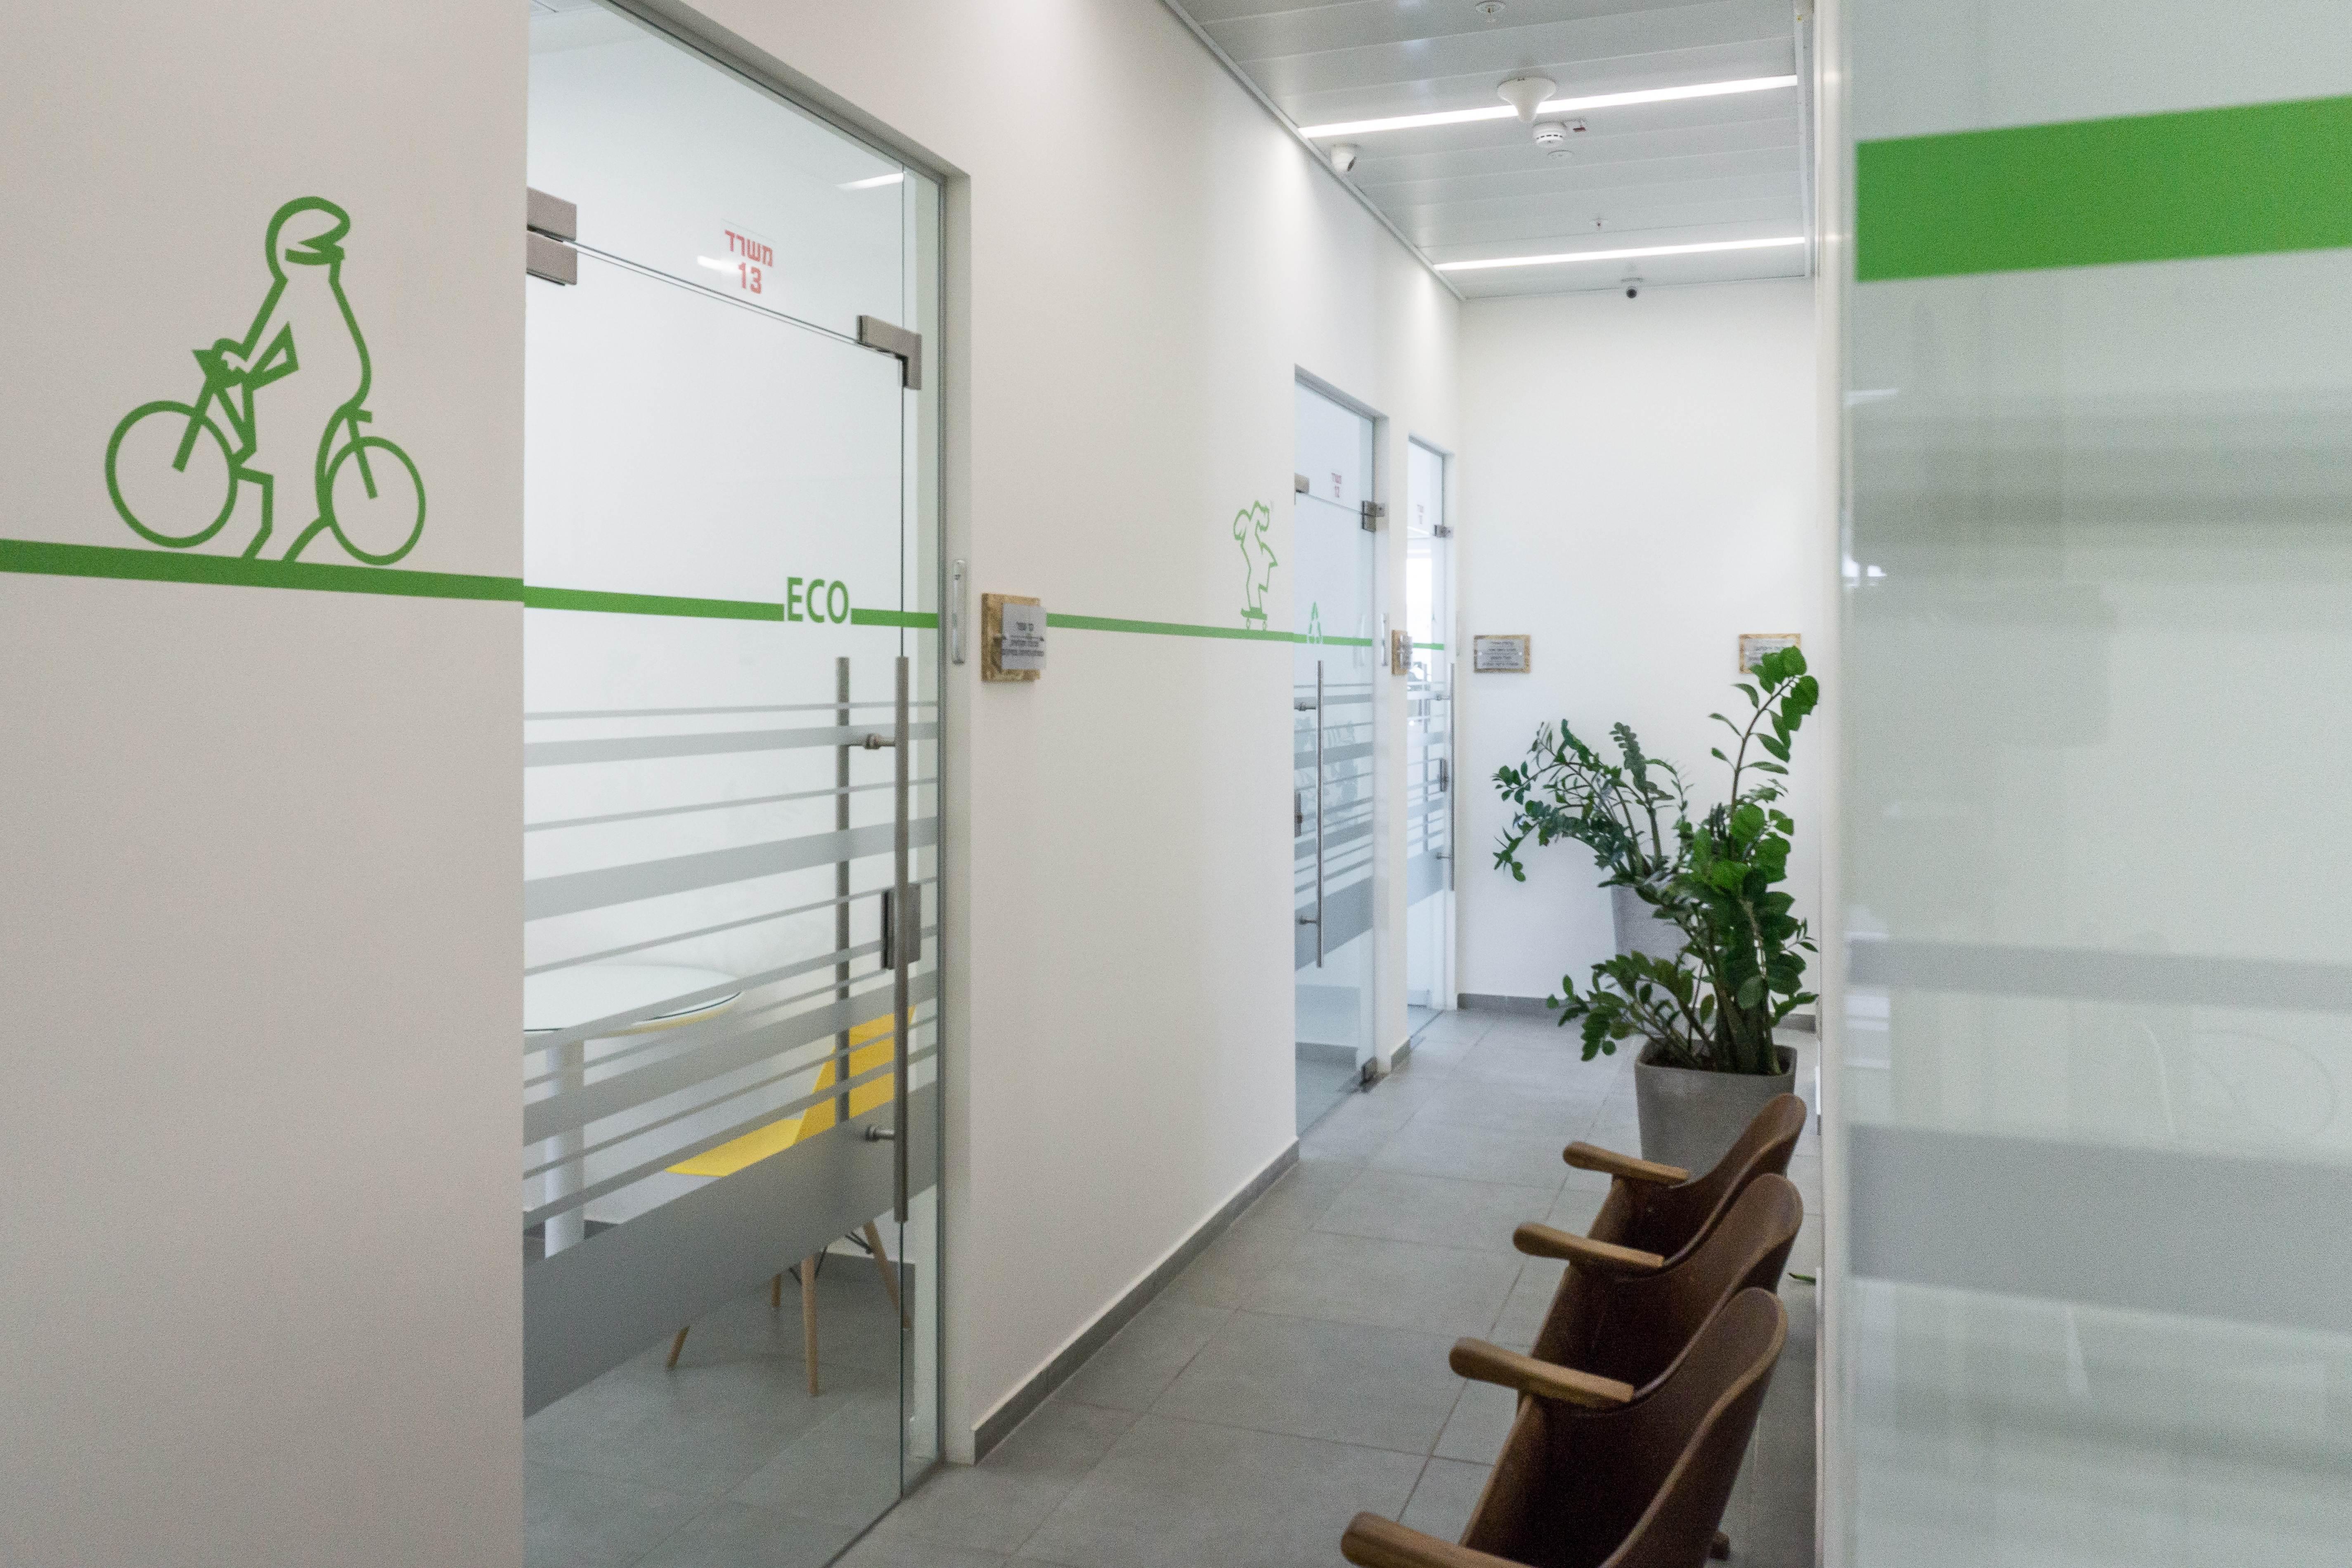 עיצוב גרפיקה במסדרון משרדים סיגל סיוון ידוב